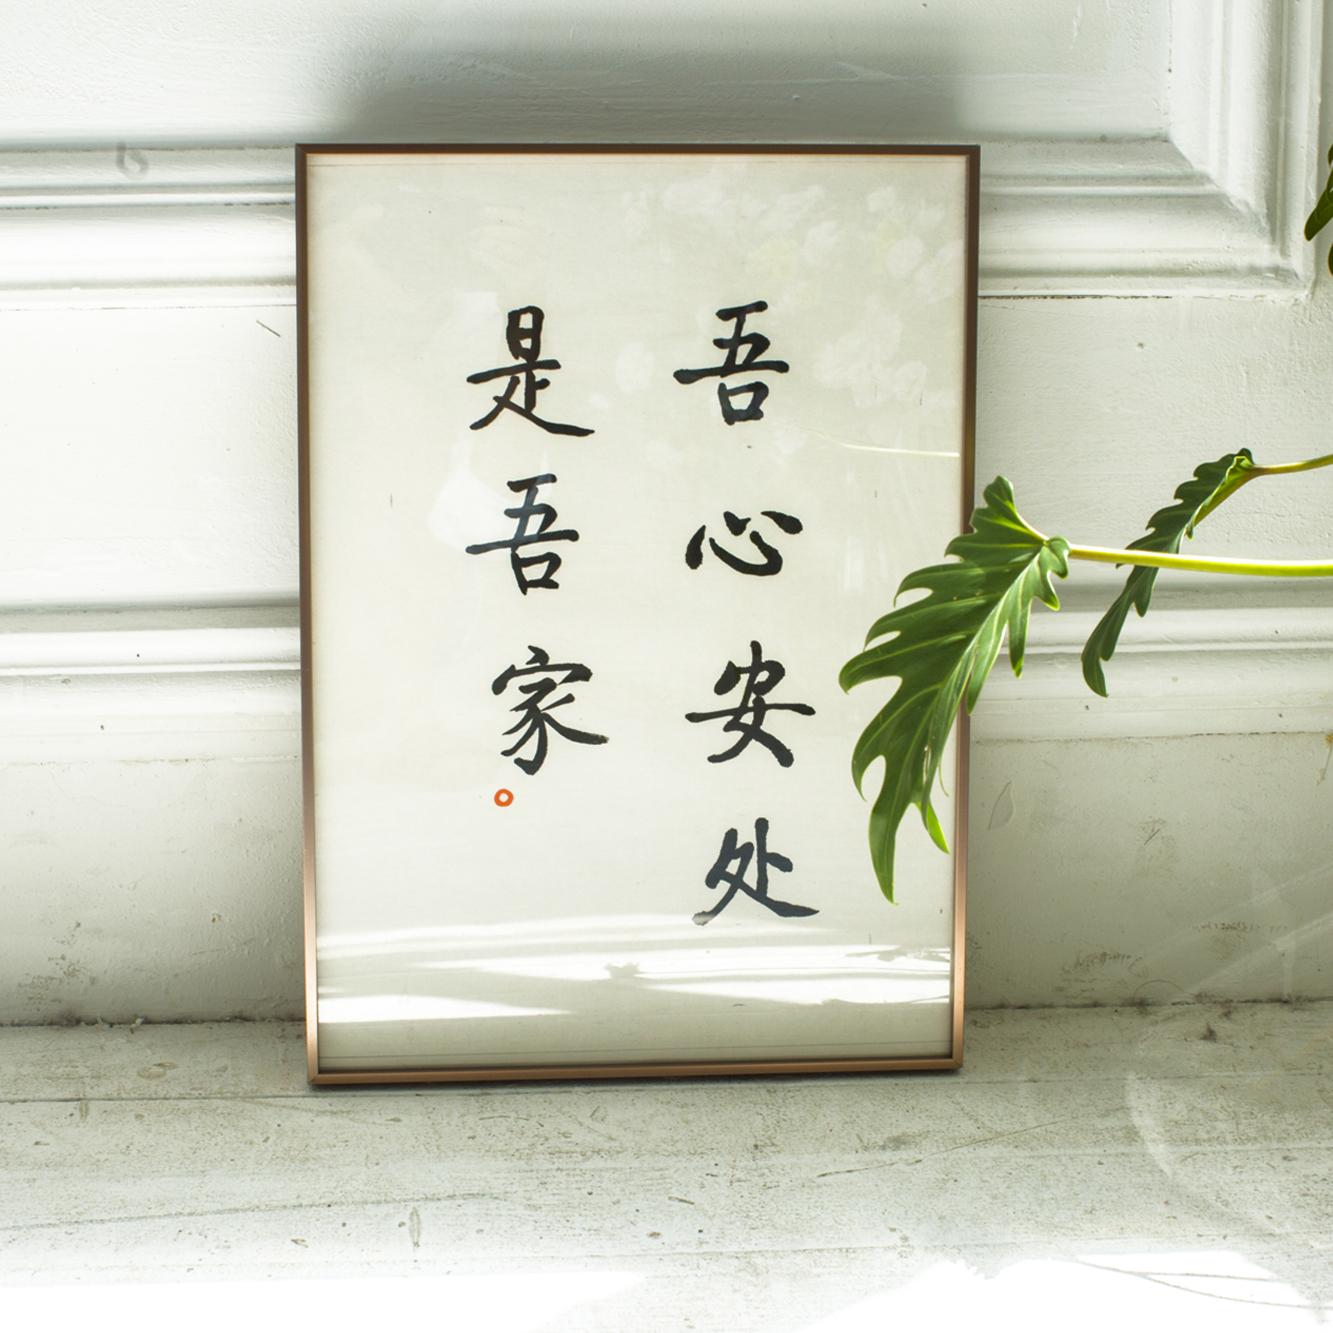 吾心安處是吾家日式客廳裝飾畫玄關壁畫臥室餐廳掛畫手寫中式書法